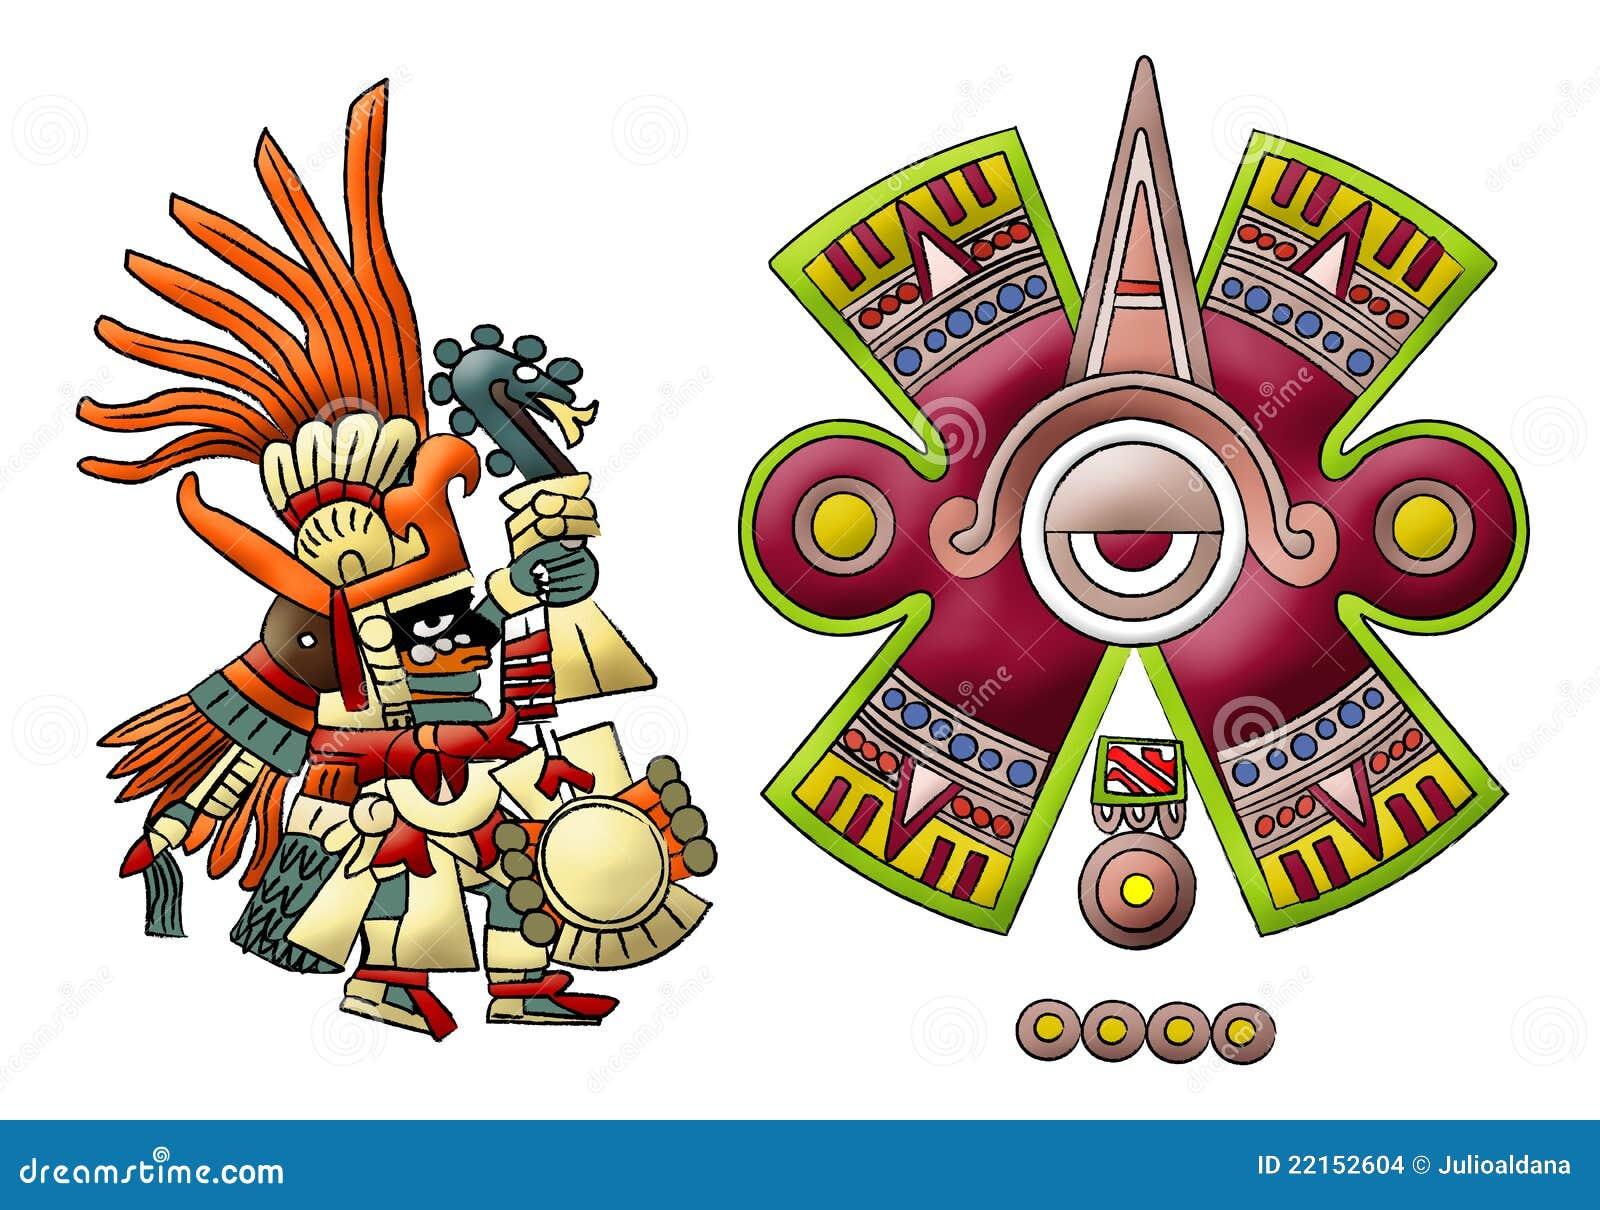 Resultado de imagen de Huitzilopochtli